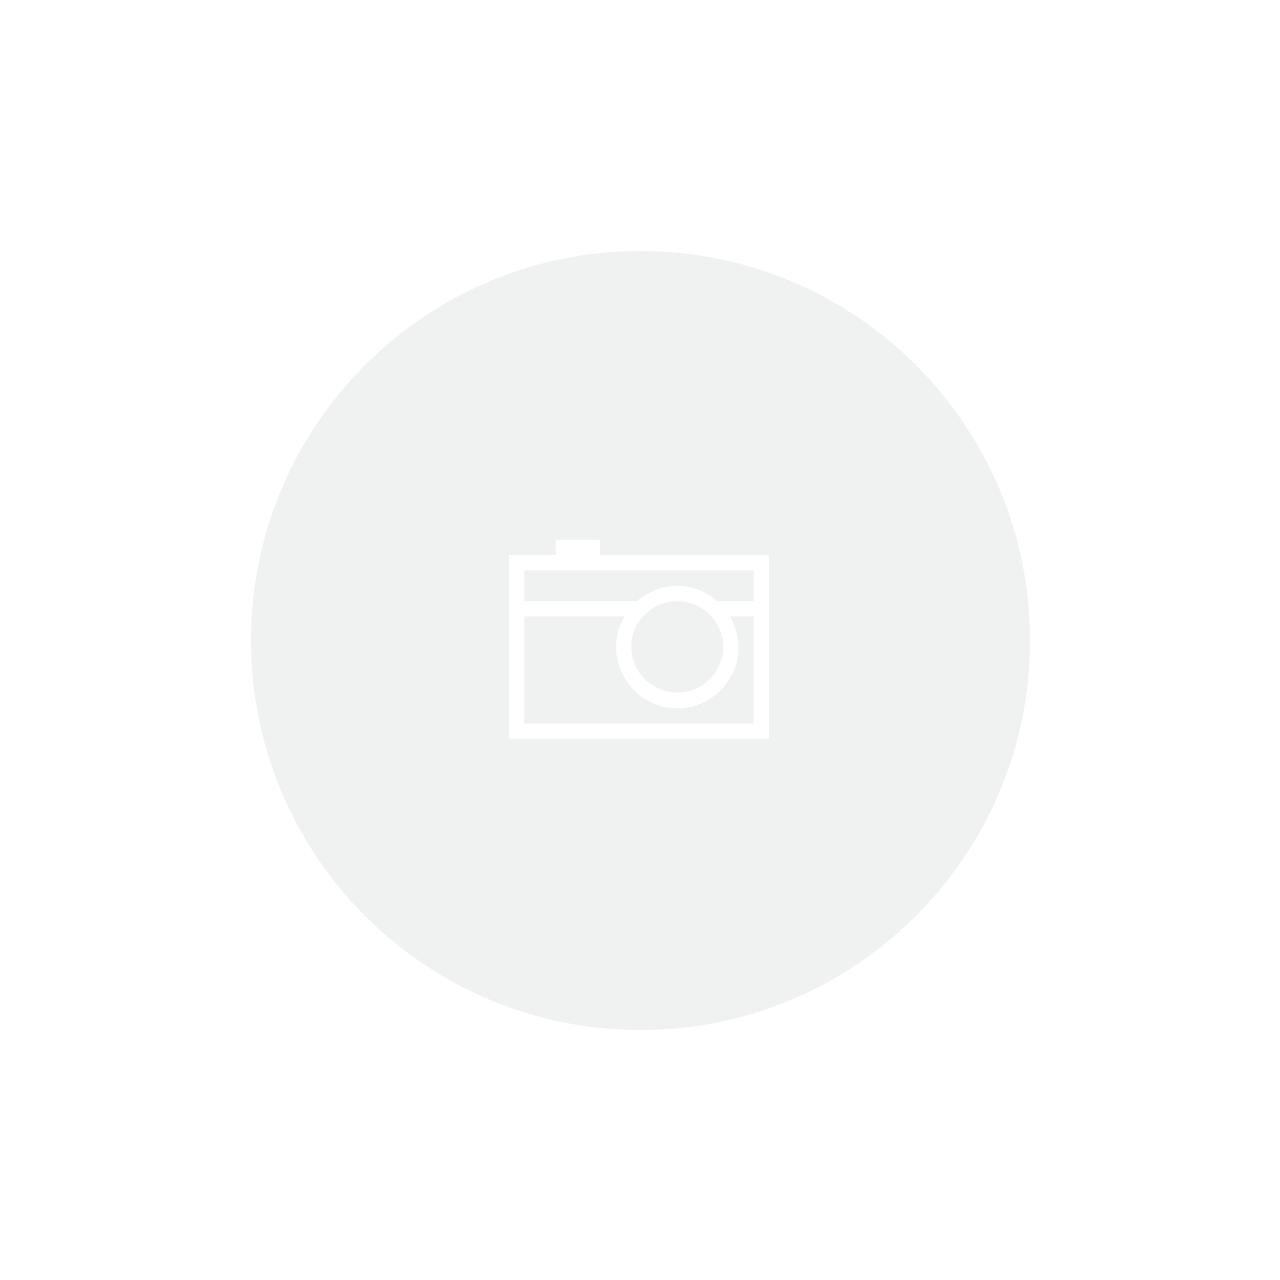 Almofada Shantung Branca c/ Aplicação de Cordão Azul Marinho